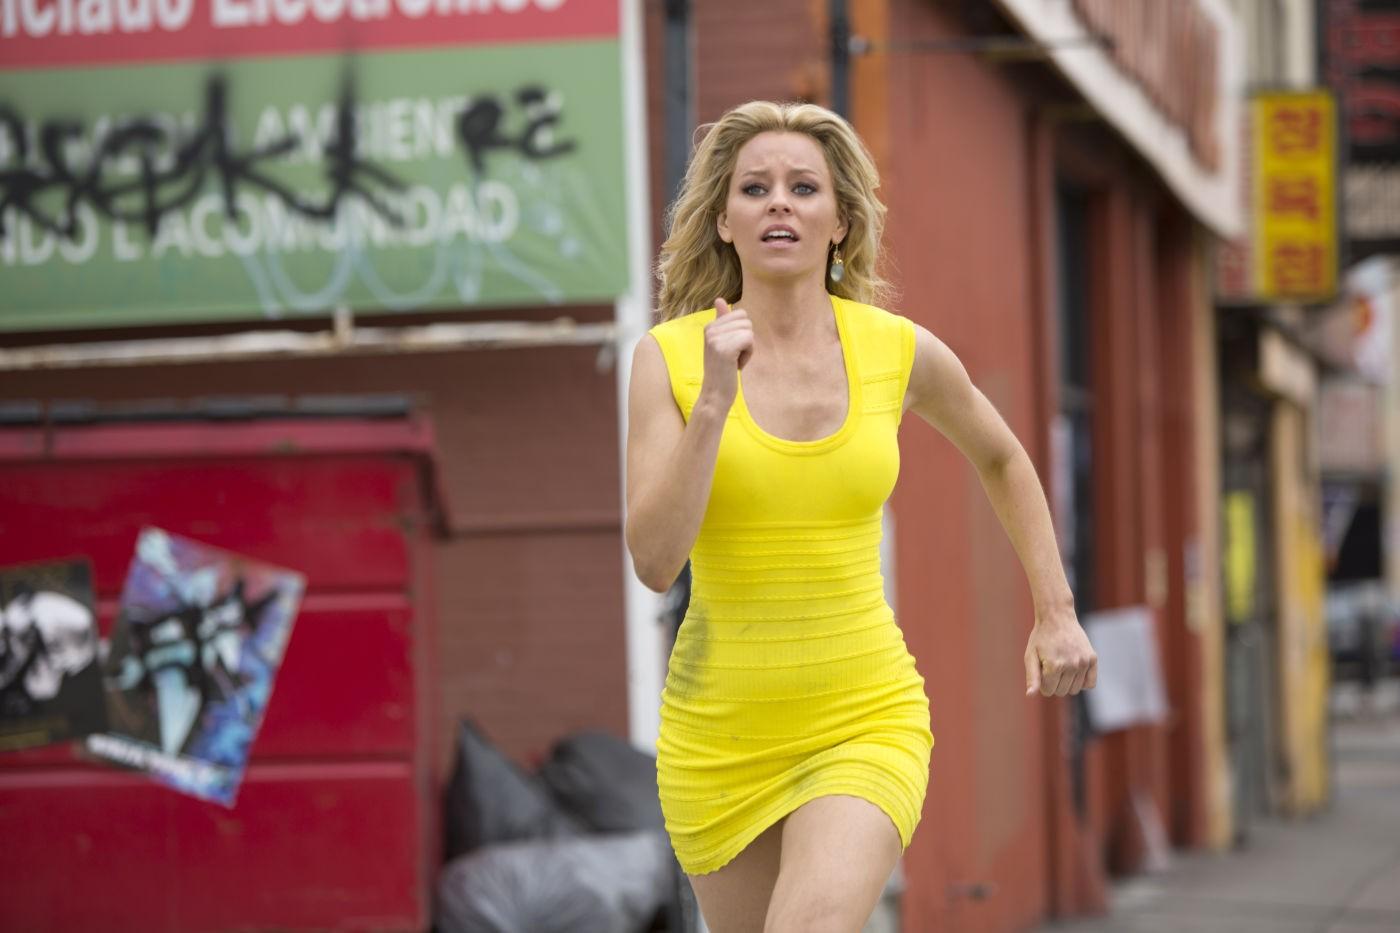 Una notte in giallo: Elizabeth Banks corre per le strade di L.A. in una scena della commedia